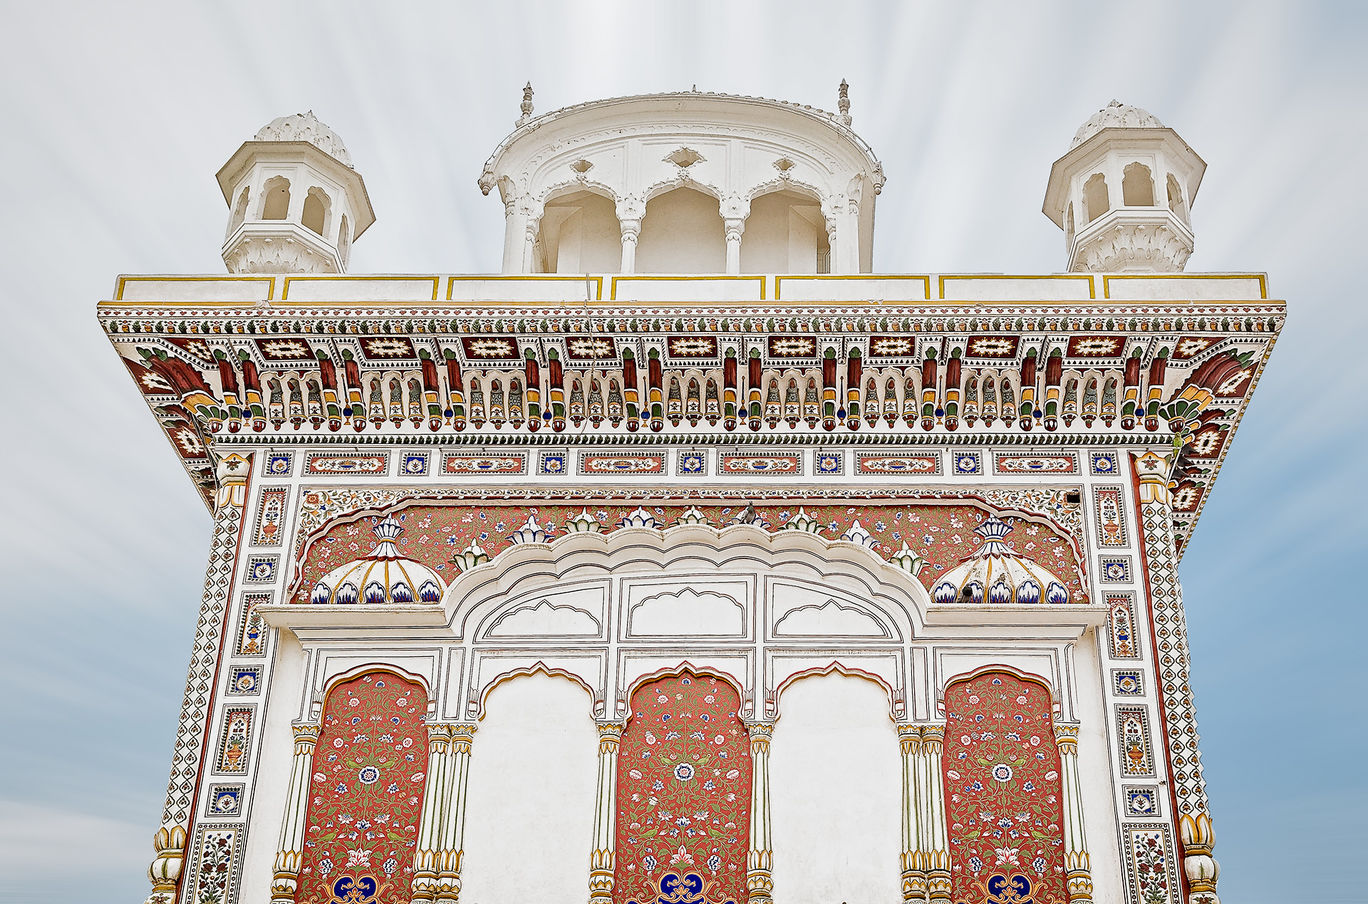 Photo of Harmandir Sahib By Kunal Khurana